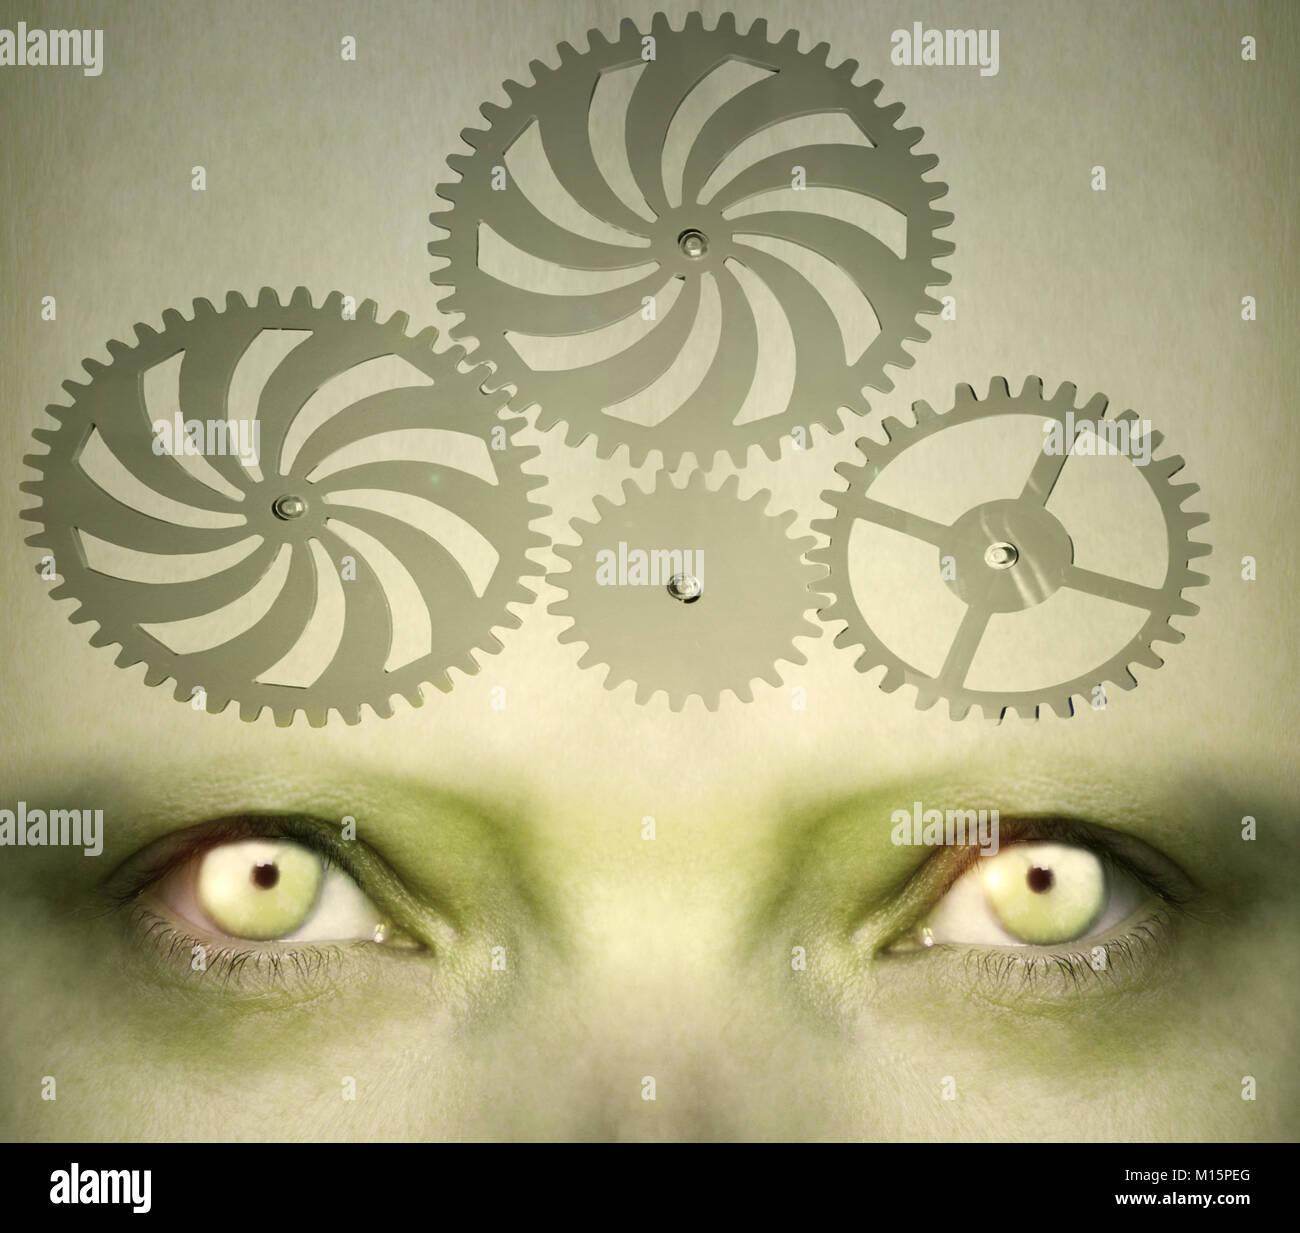 Des yeux humains avec l'engrenage sur le front qui représente un concept abstrait de la complexité Photo Stock